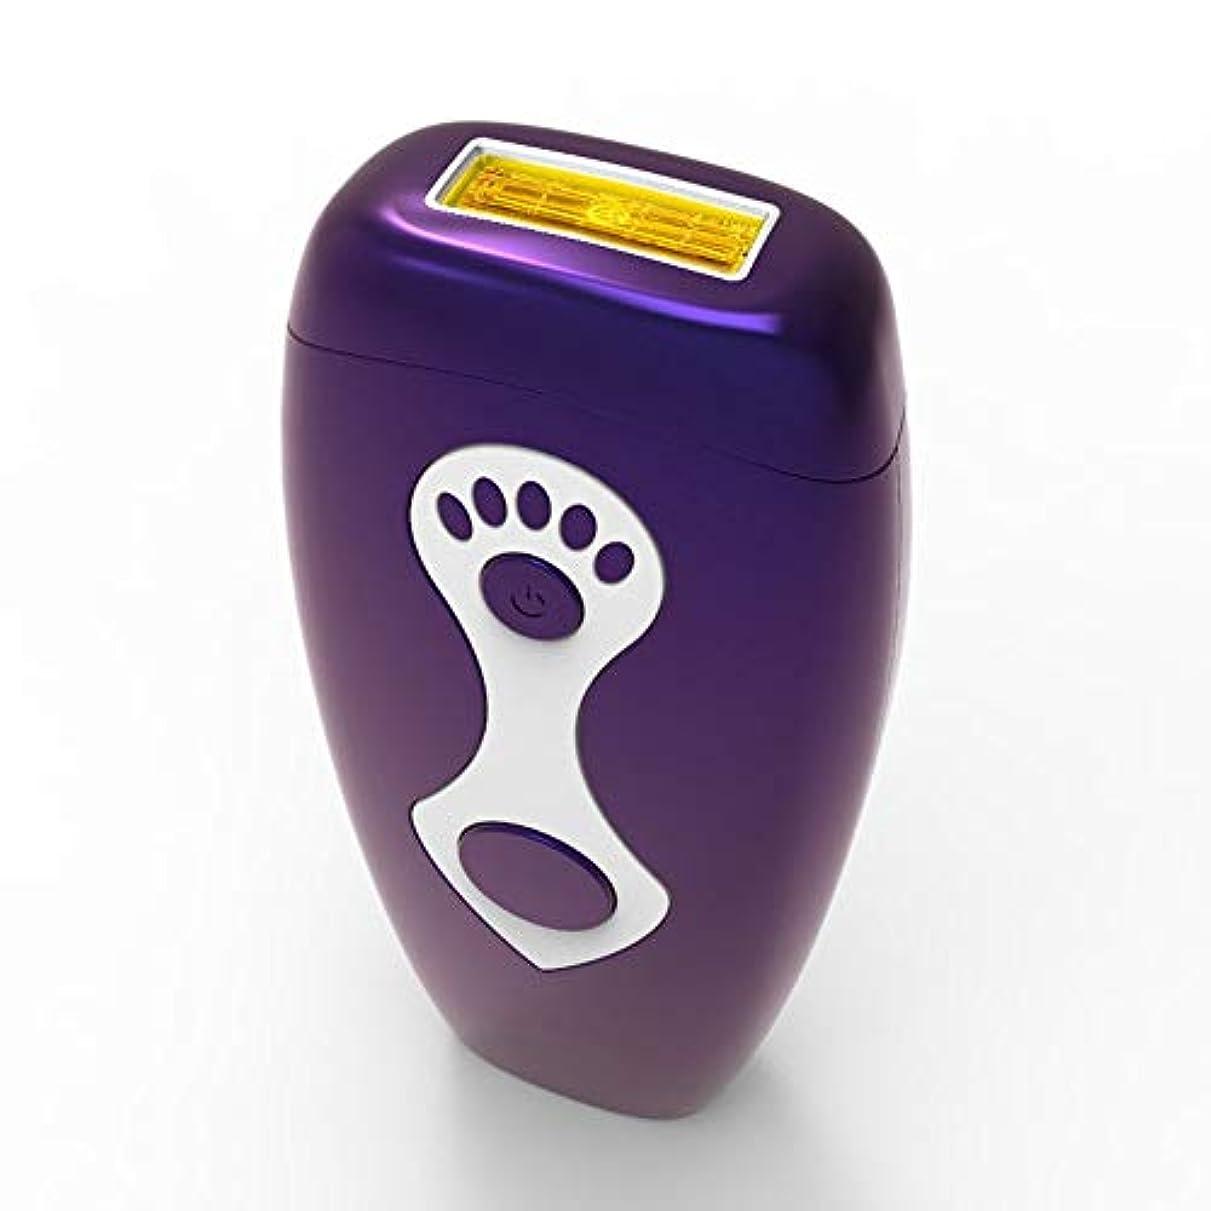 アテンダント微視的くそーIku夫 パーマネント脱毛、家庭用ニュートラルヘアリムーバー、柔らかい肌、マルチ運動エネルギー、安全性、グレード5無料調整、サイズ7.5×16.5 Cm (Color : Purple)